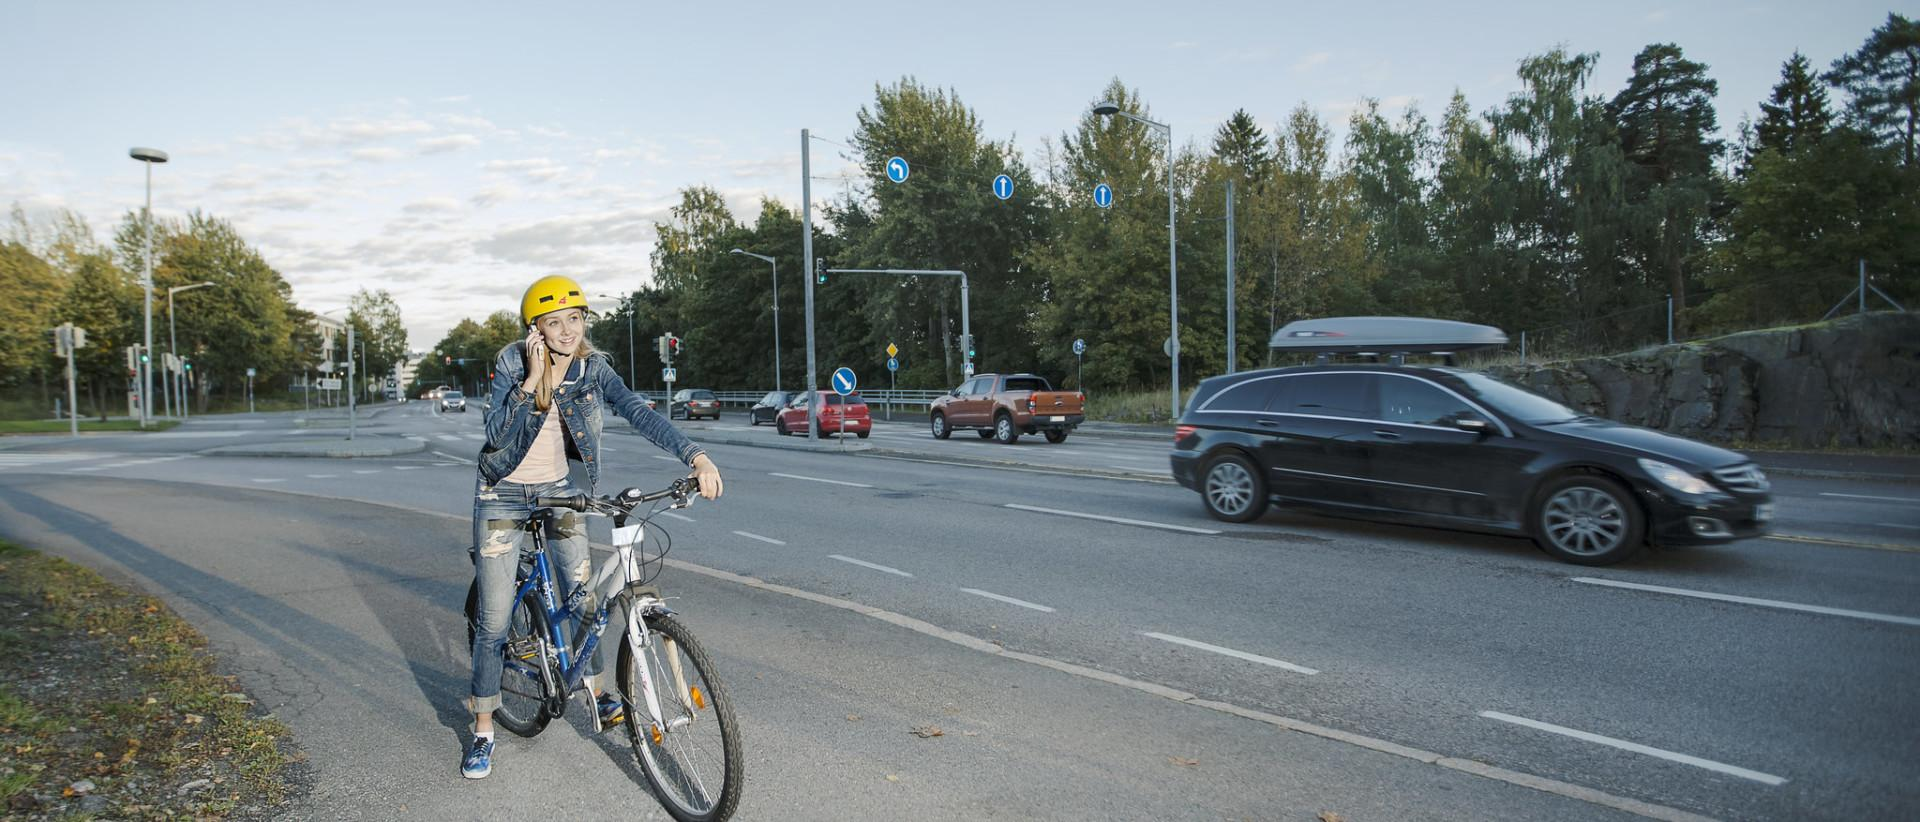 Kuvassa nuori pyöräilijä, joka on pysähtynyt ja puhuu kännykkään.